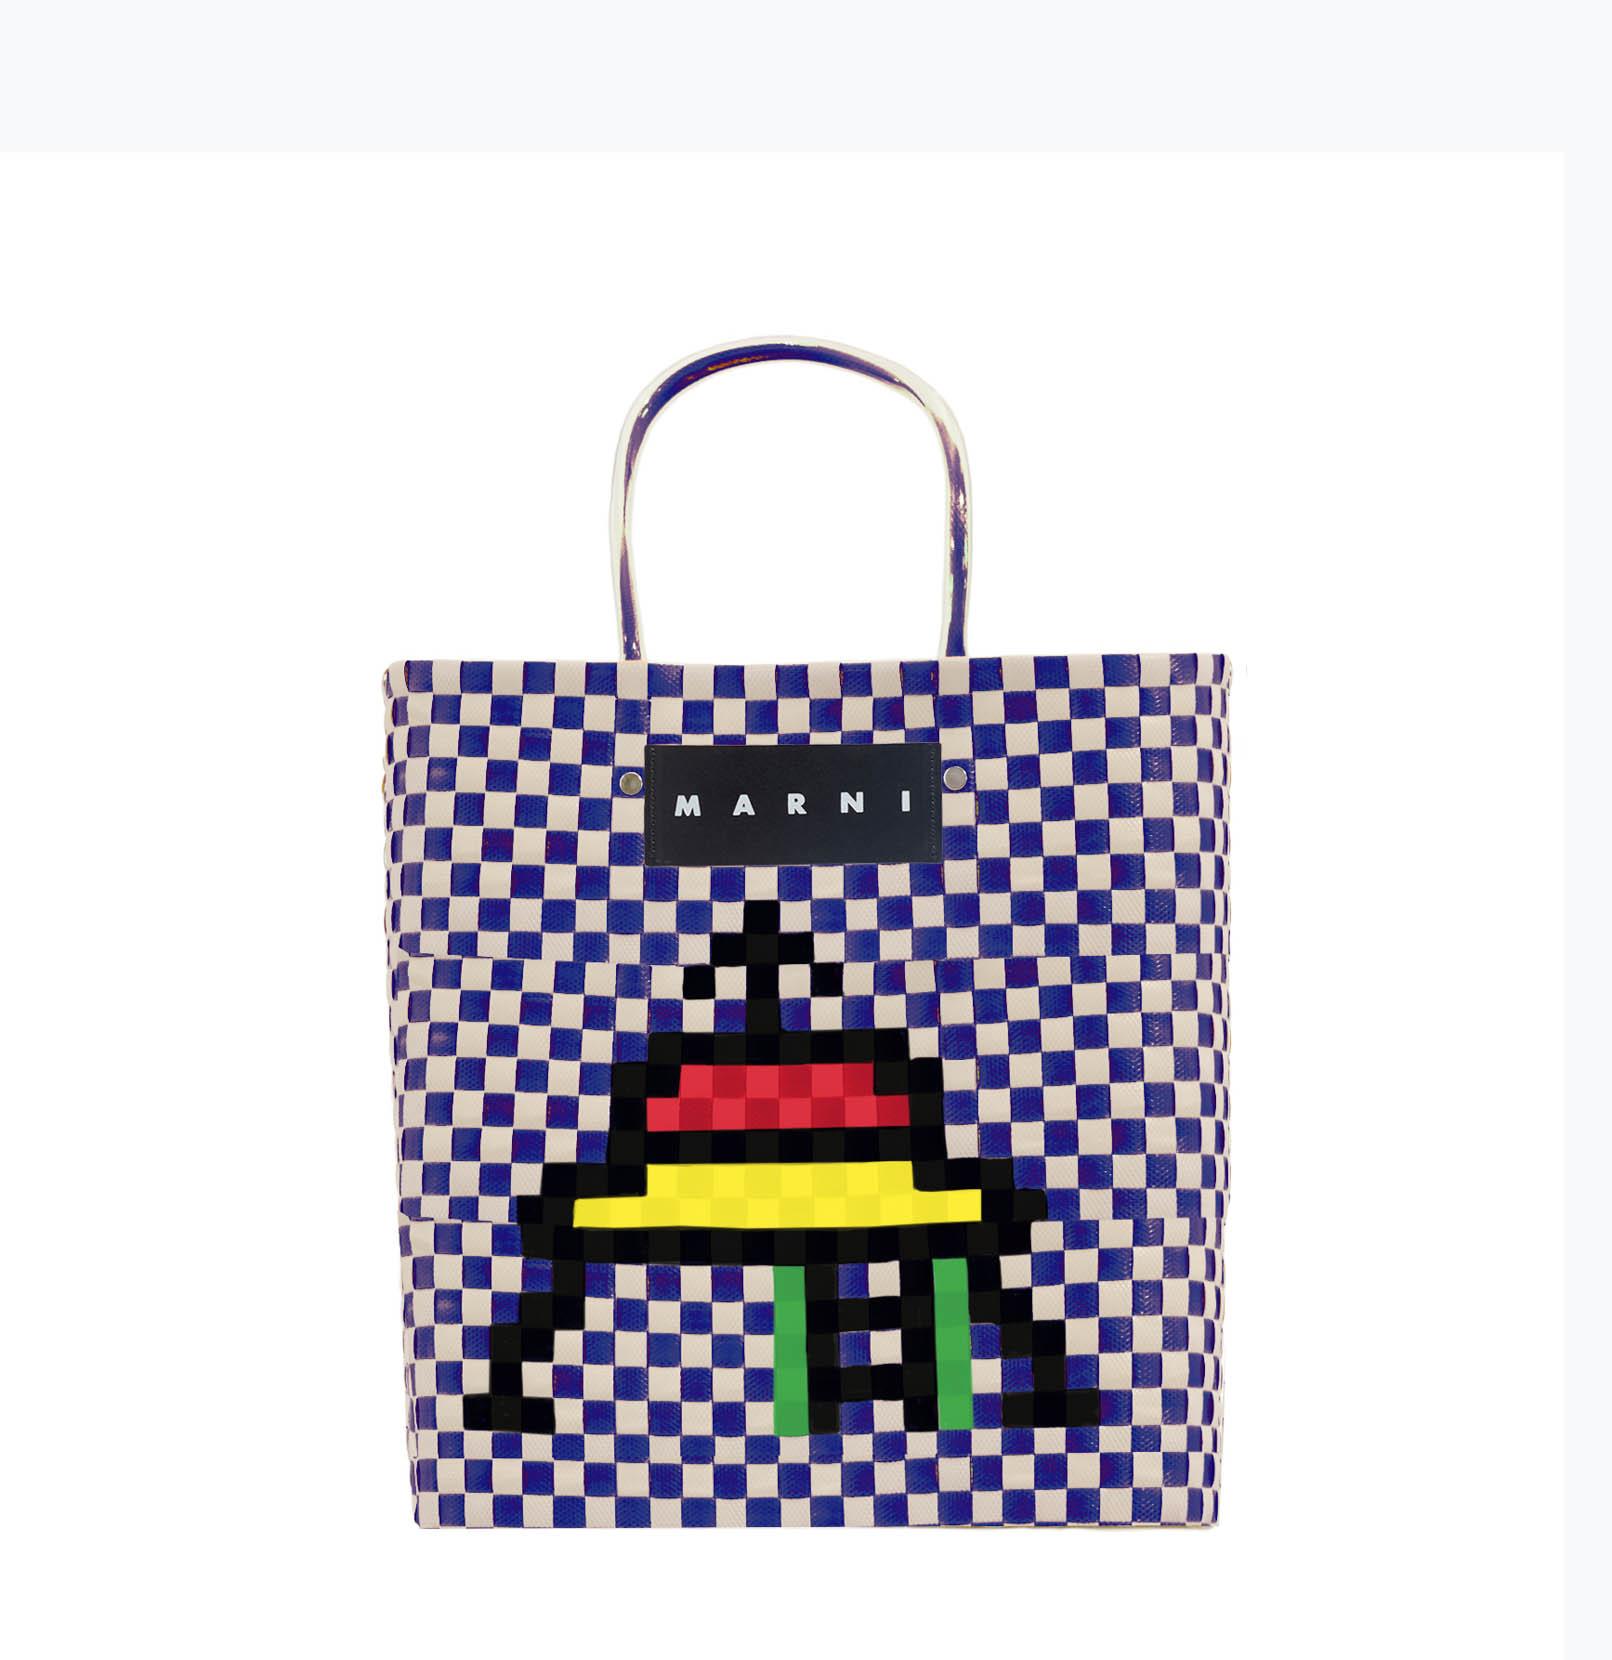 6d166b2cc66f マルニが「マルニ マーケット」開催、人気のピクニックバッグや限定商品 ...